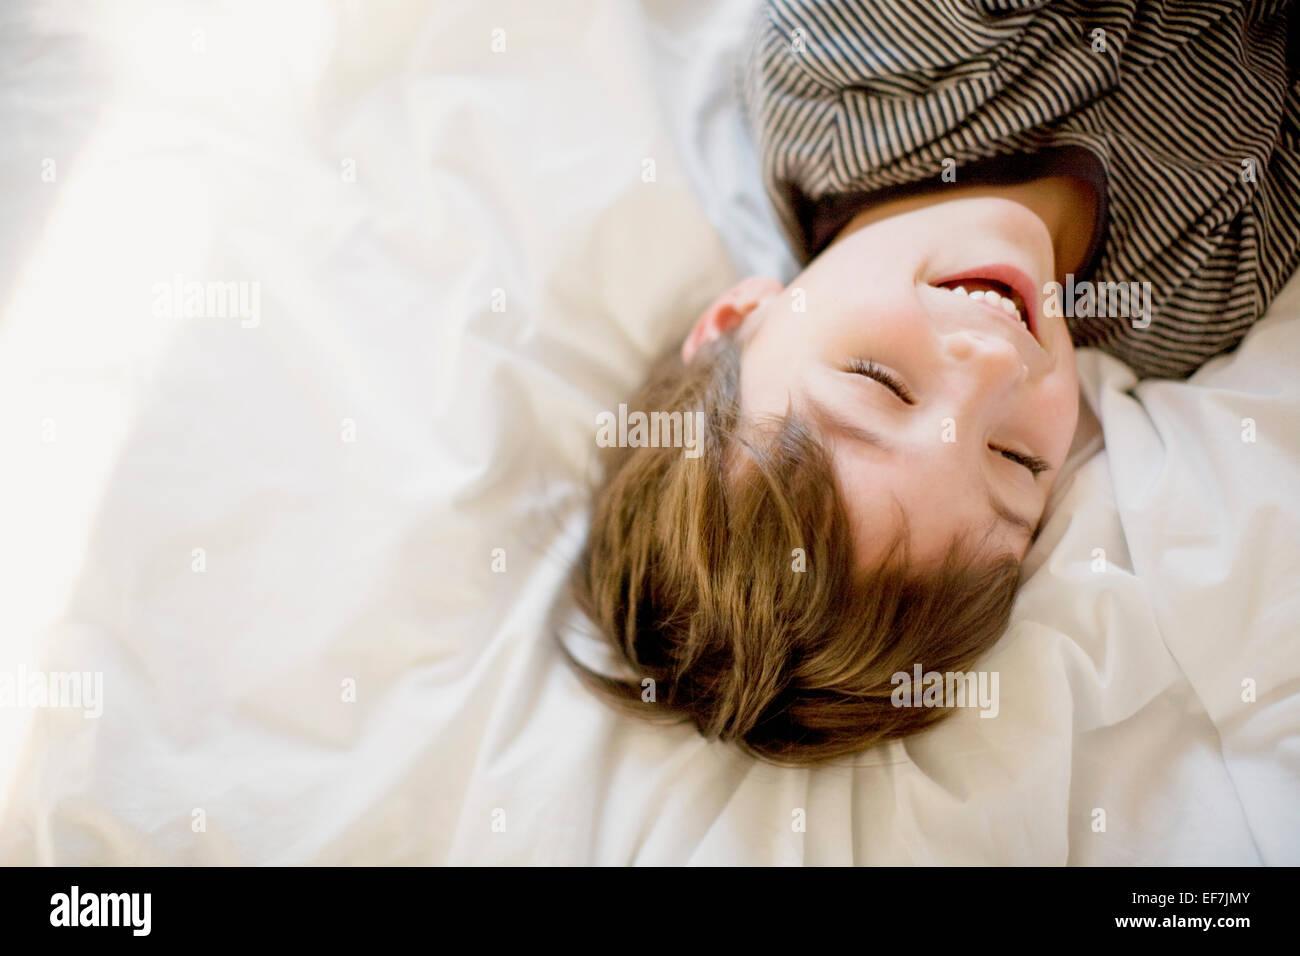 Fröhlicher Junge auf dem Bett liegend Stockbild